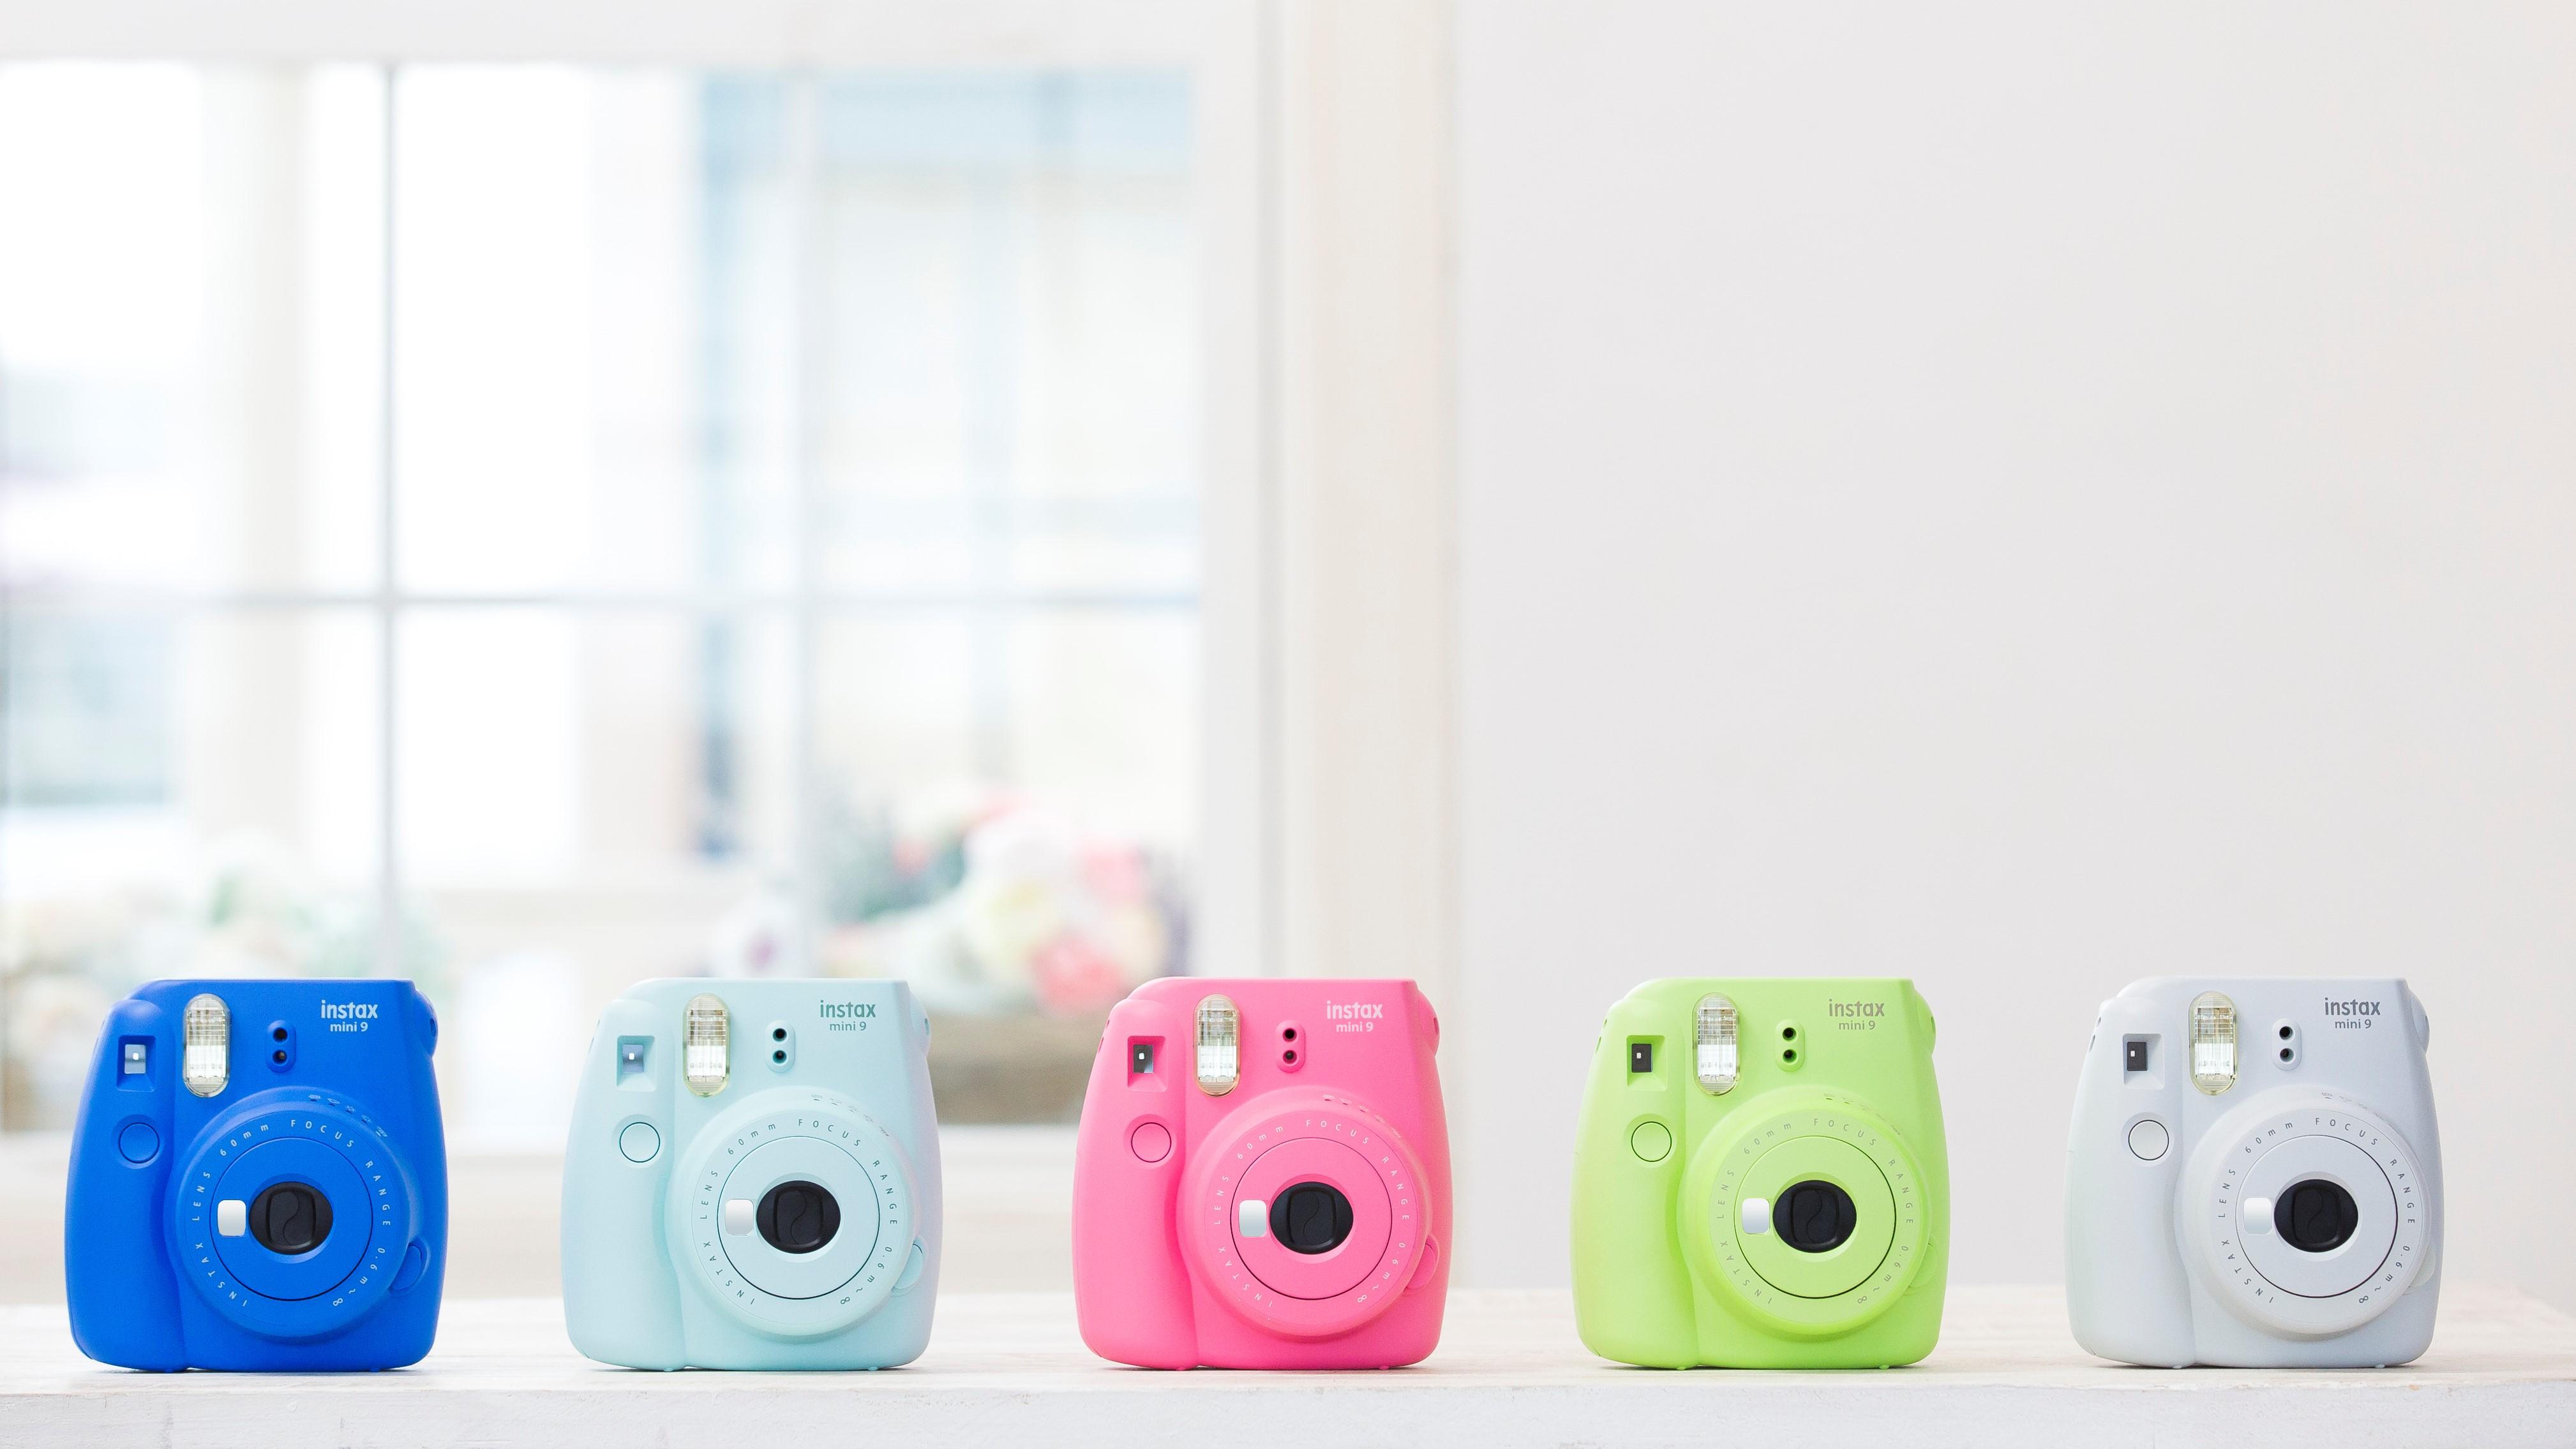 Top des meilleurs appareils photos instantanés en 2021 - Instax Mini 11